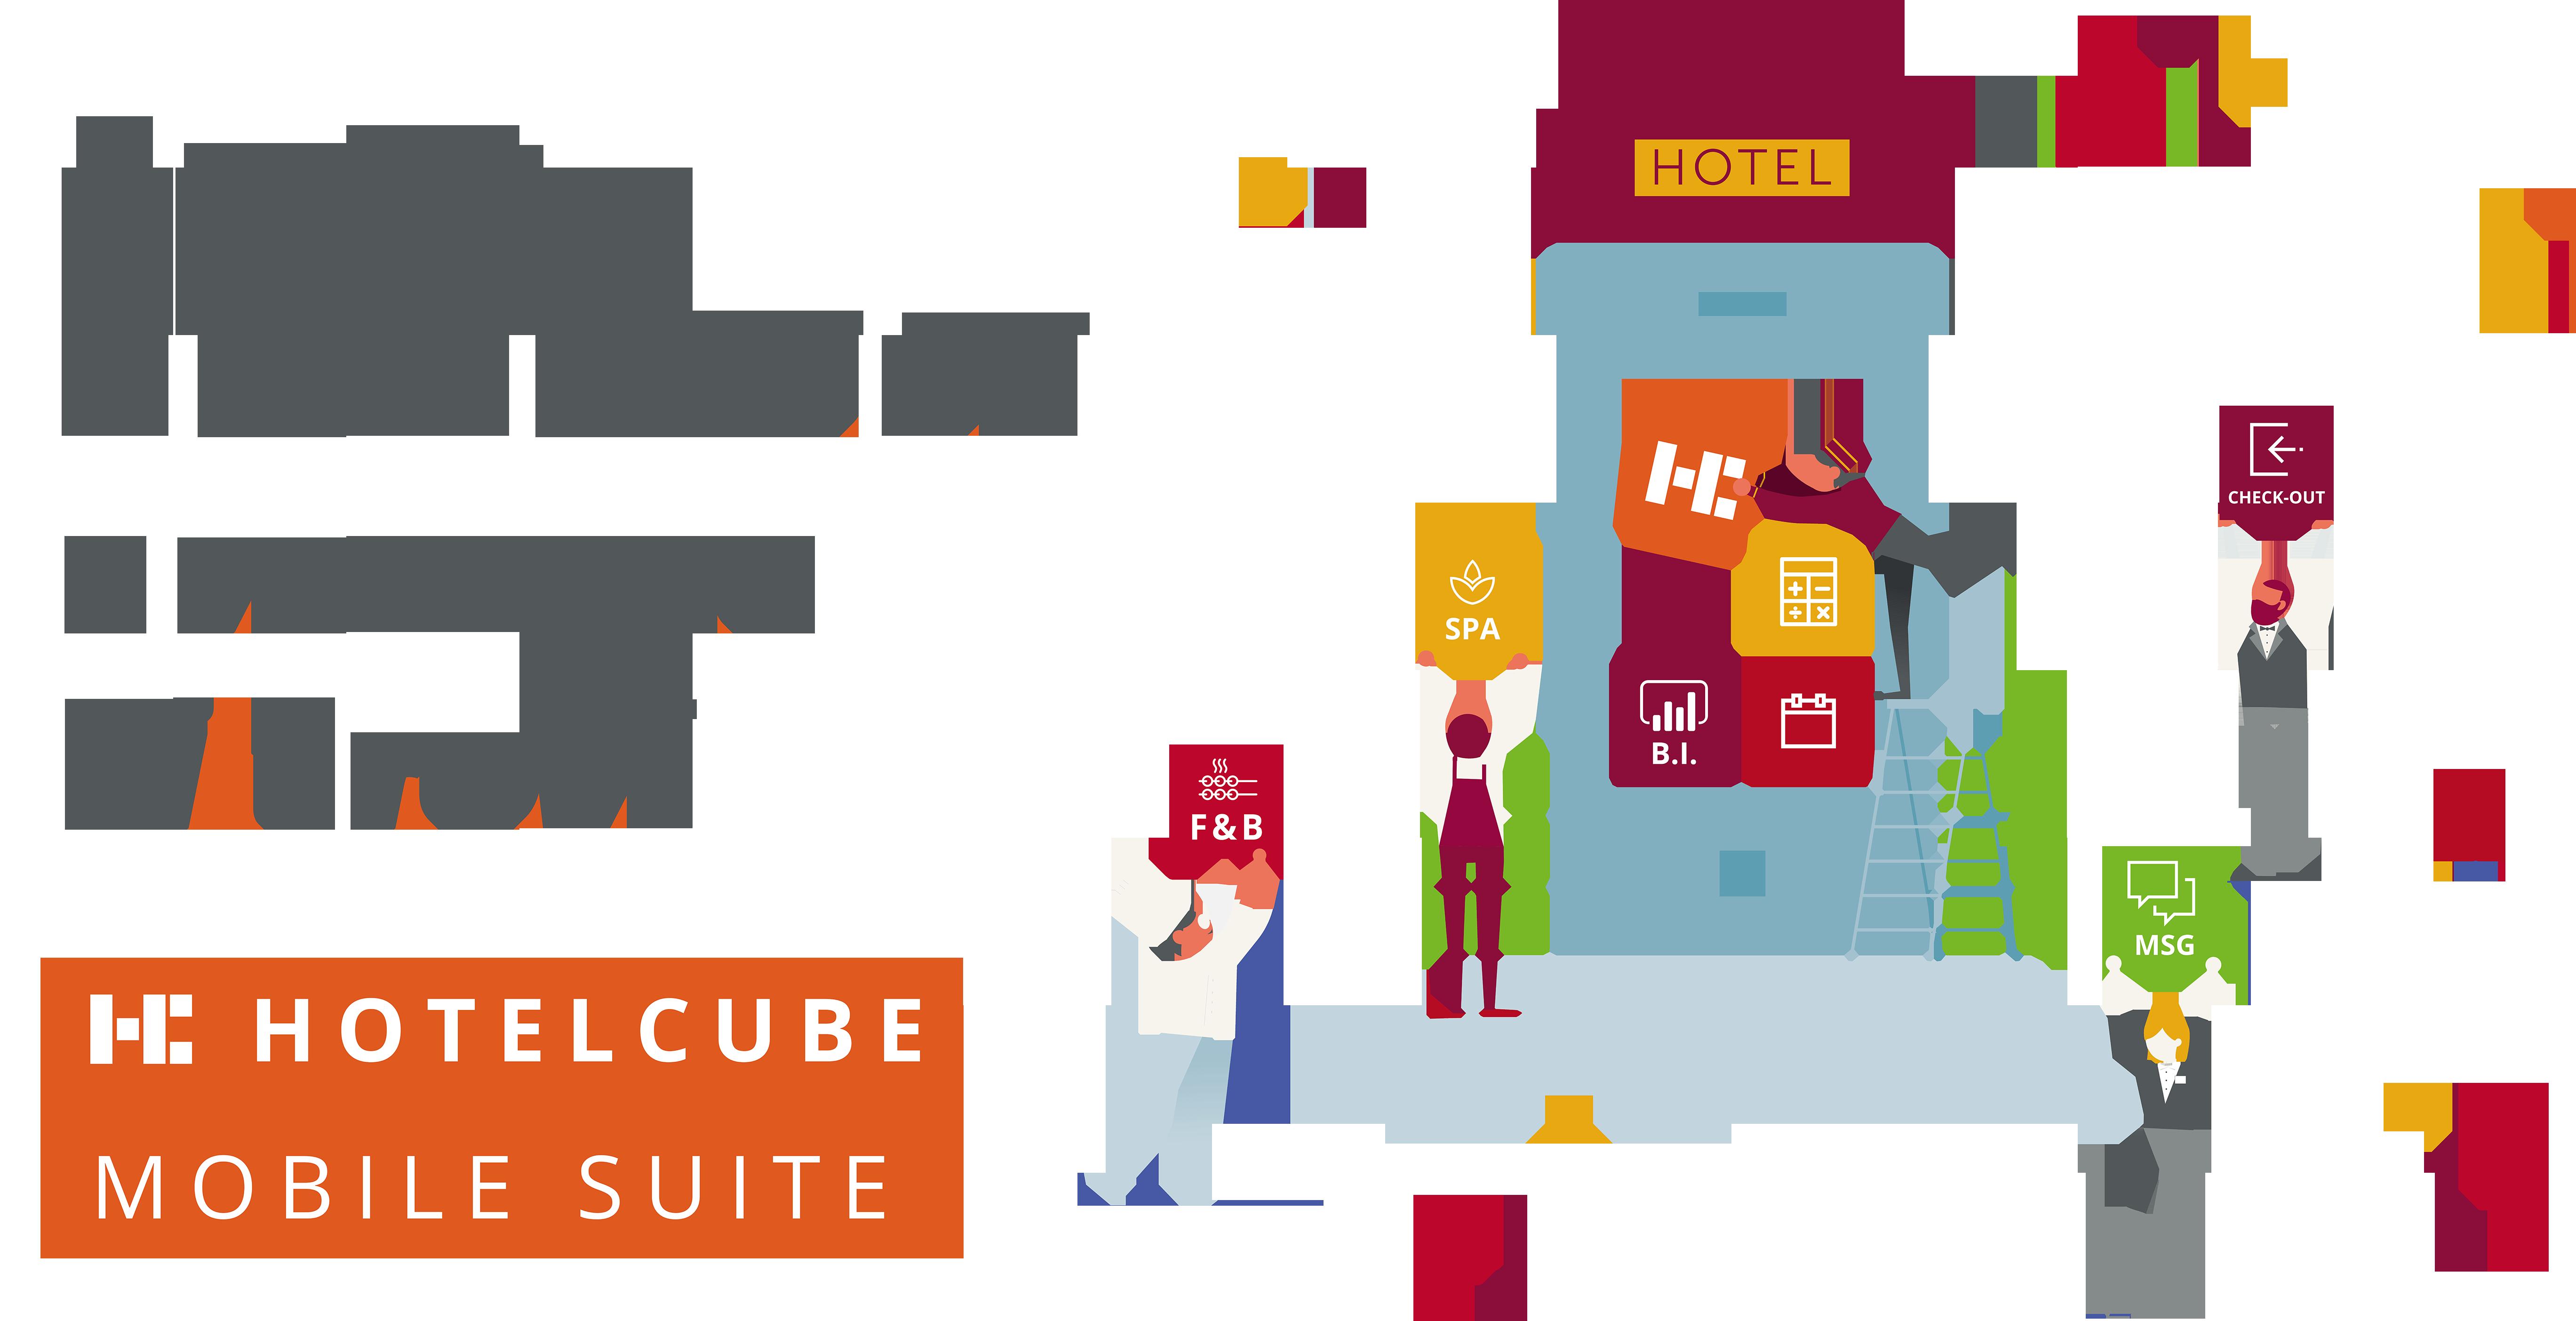 HOTELCUBE Mobile Suite